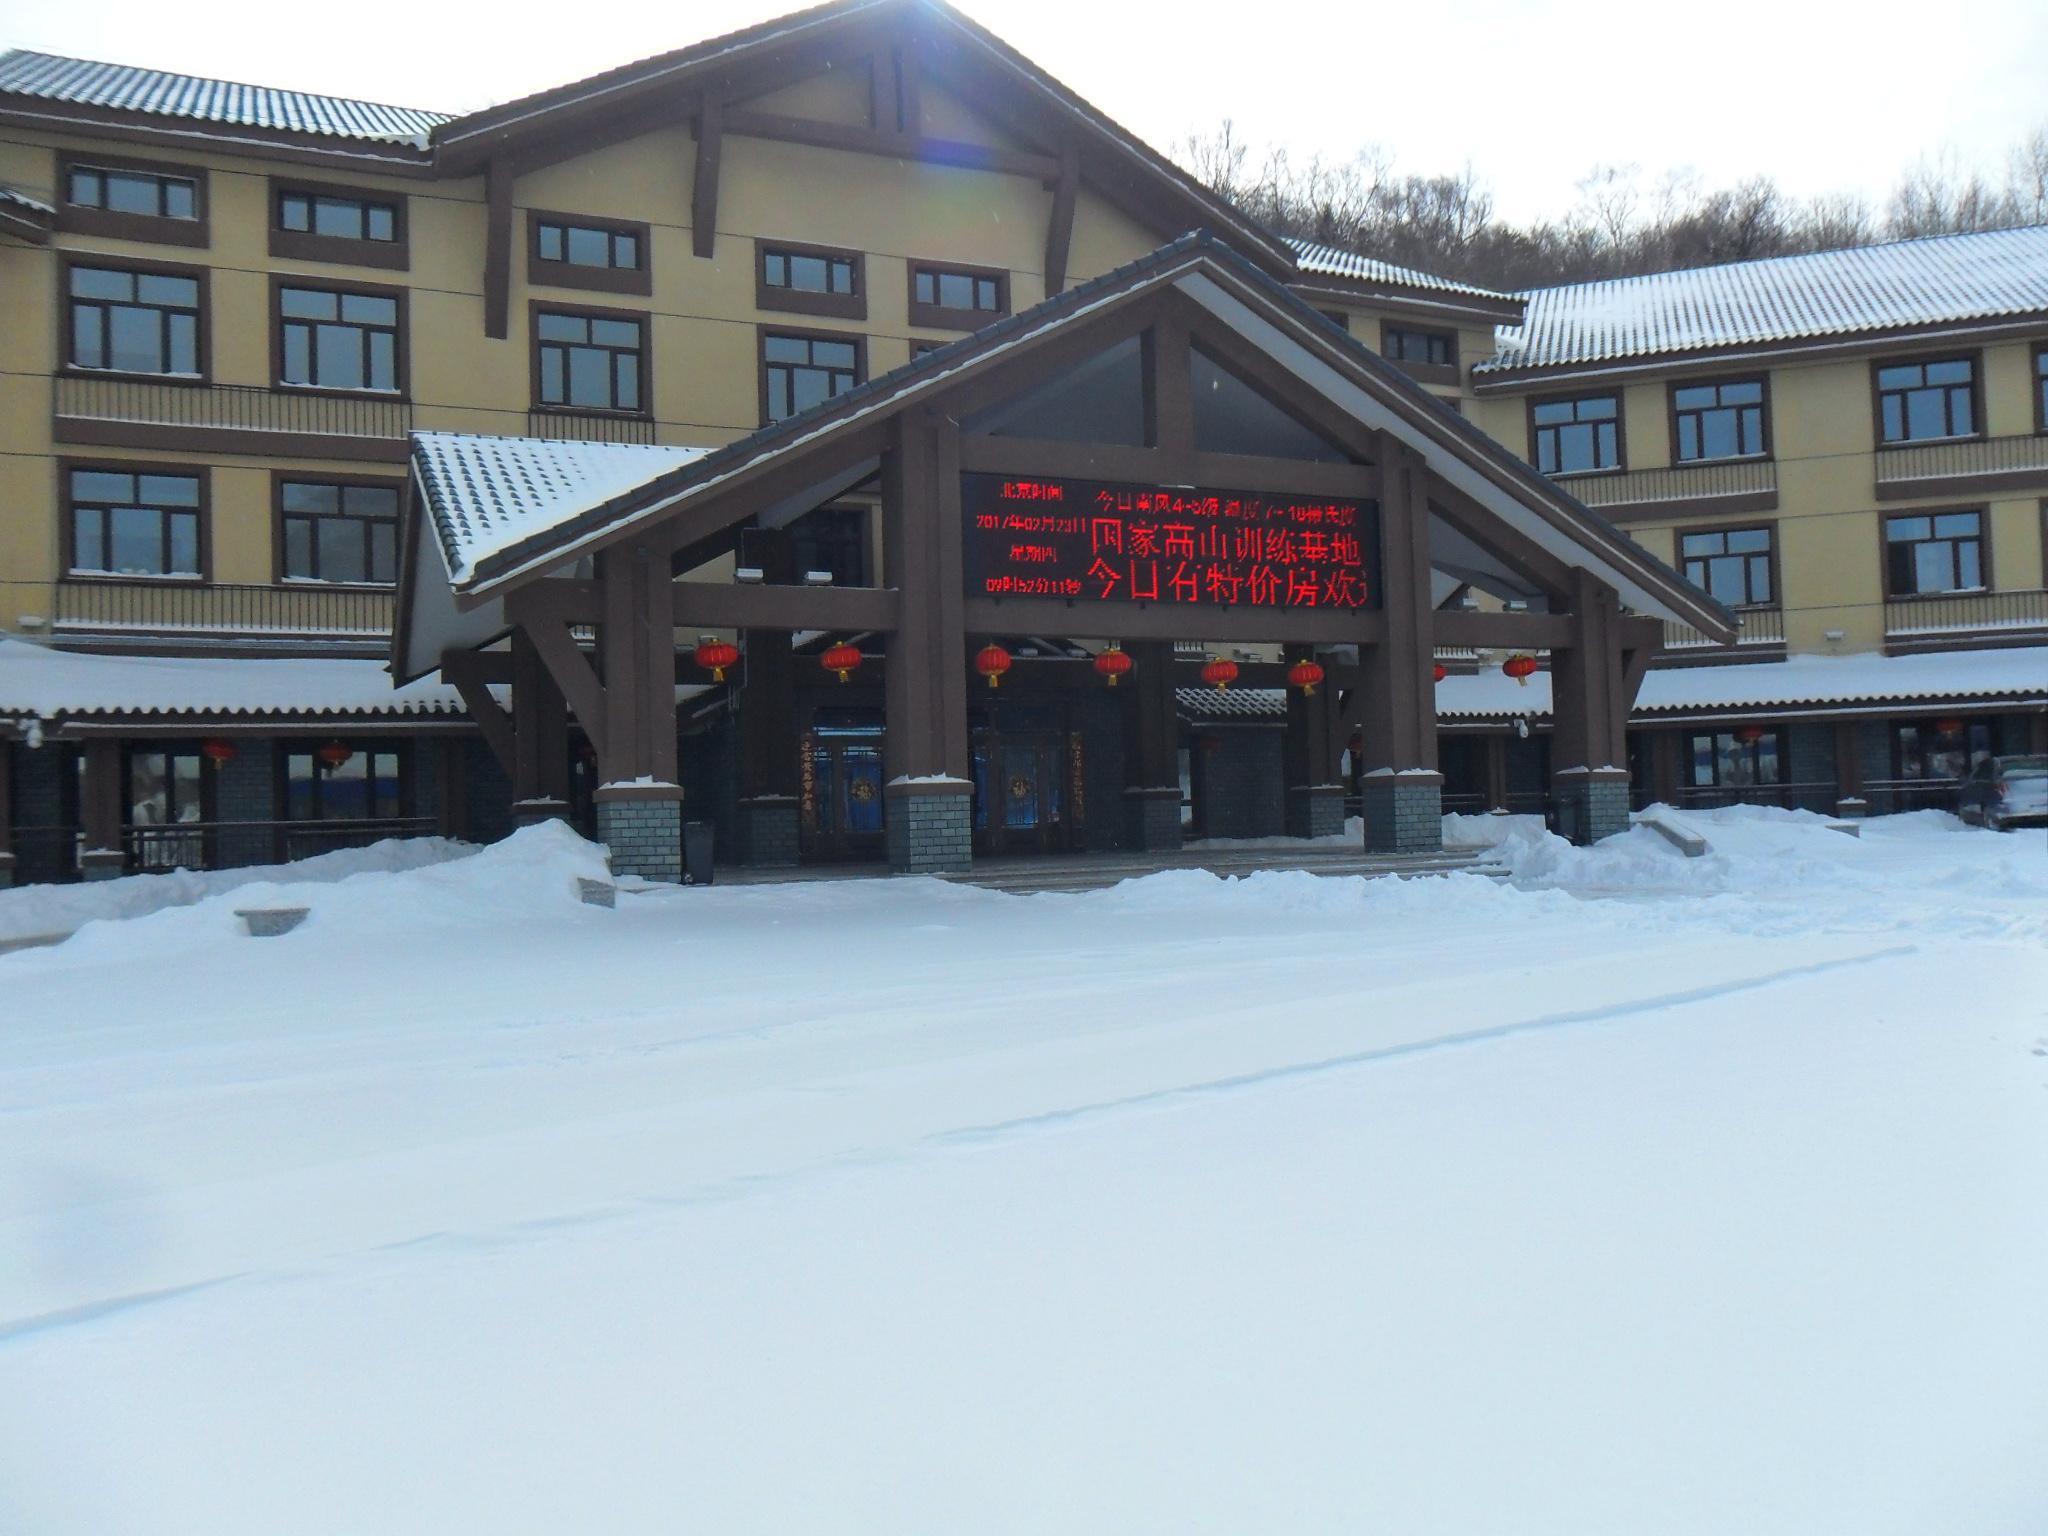 Yabuli National Alpine Building Training Base Hotel